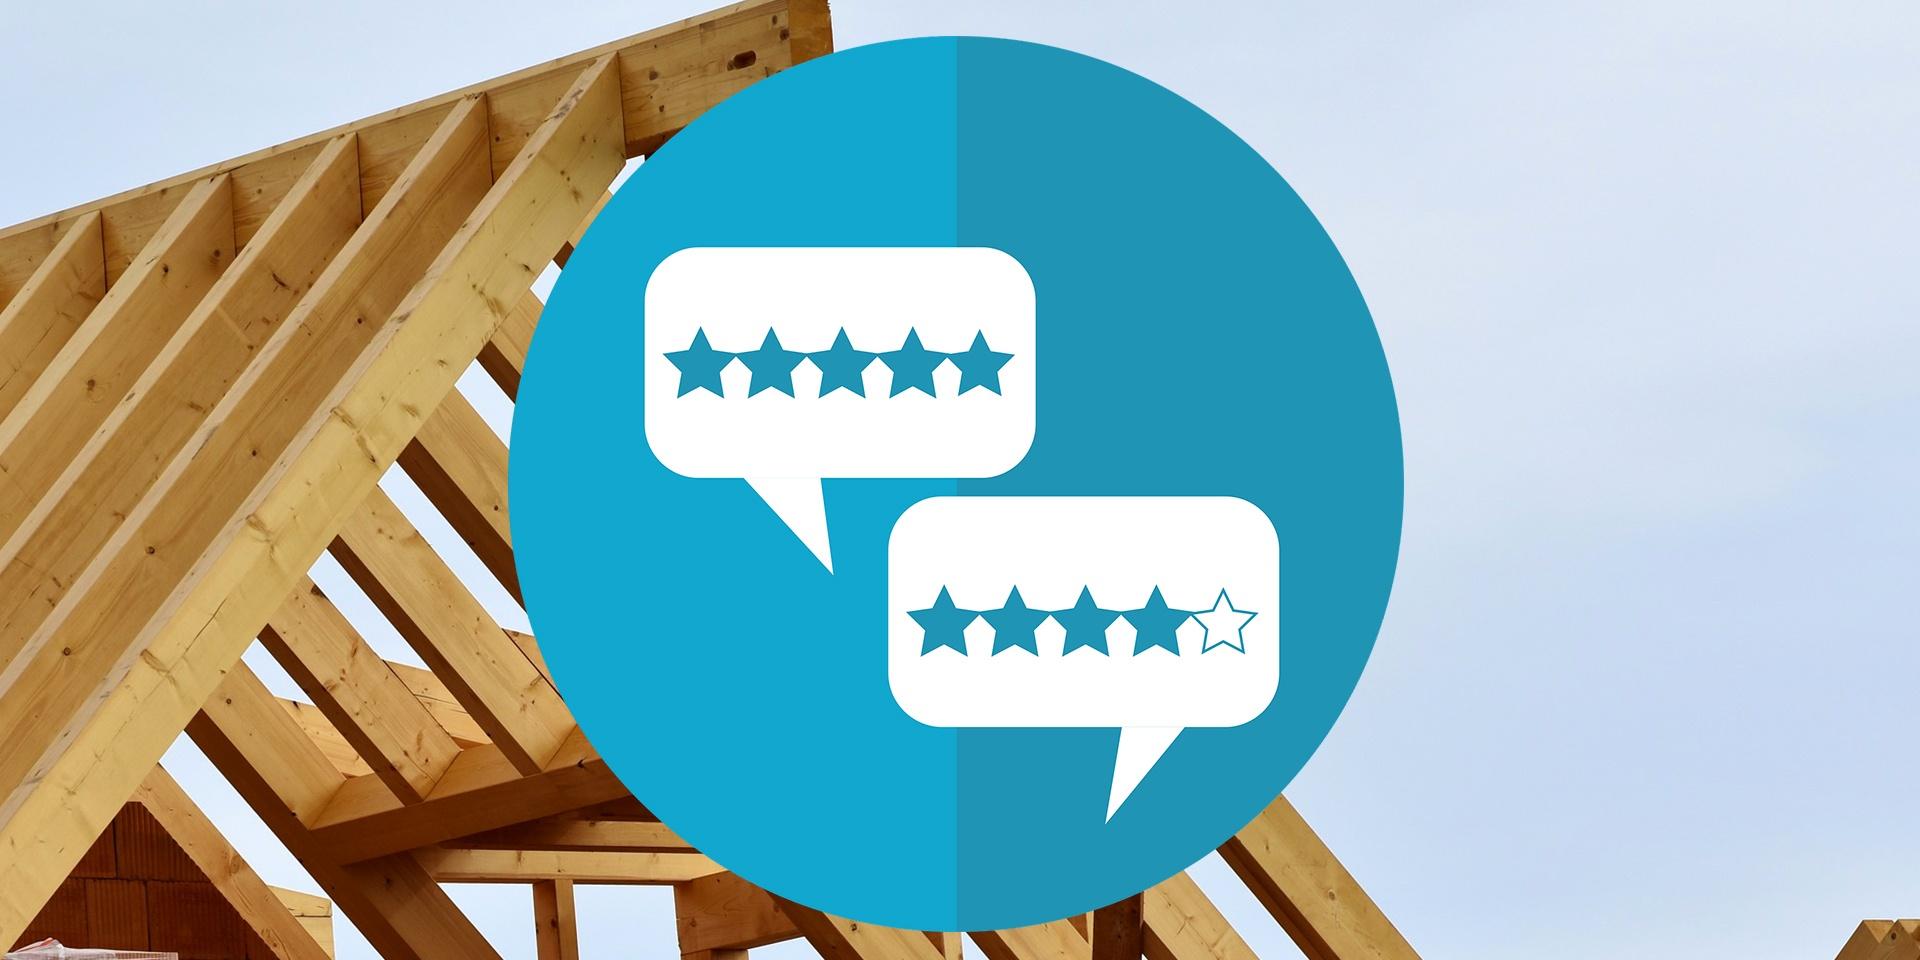 comment obtenir plus d'avis clients dans le BTP ?